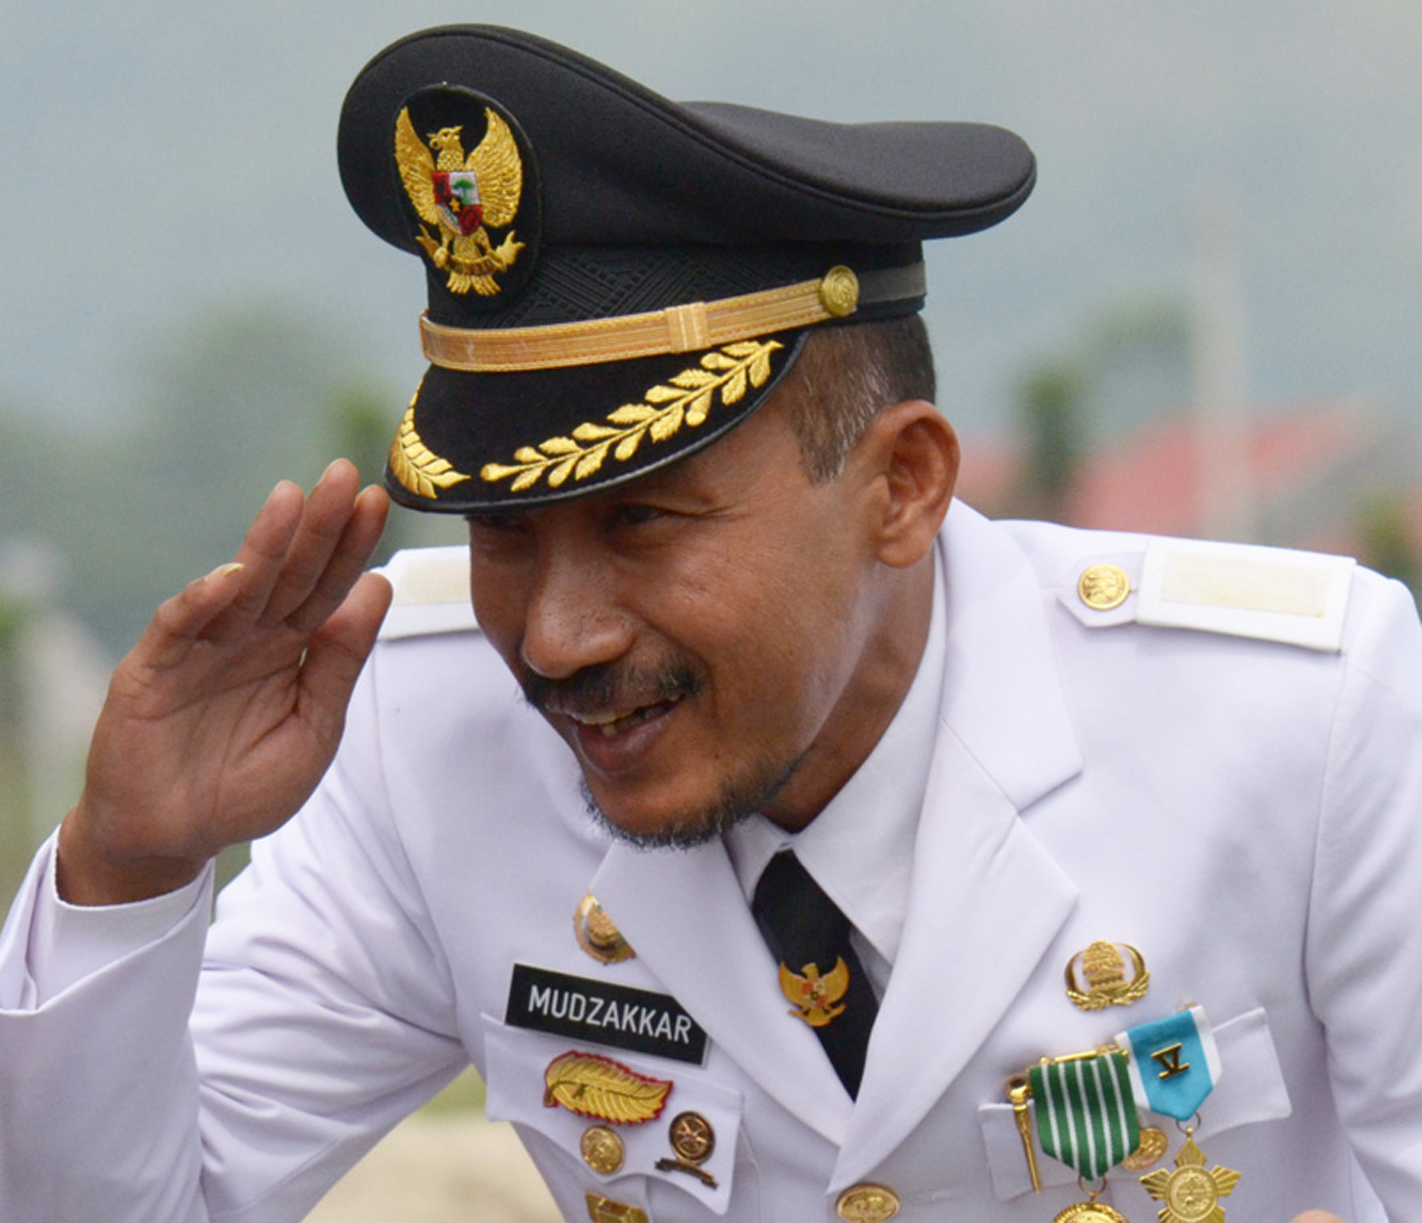 Cakka Masuk Nominasi Bupati Terbaik se-Indonesia